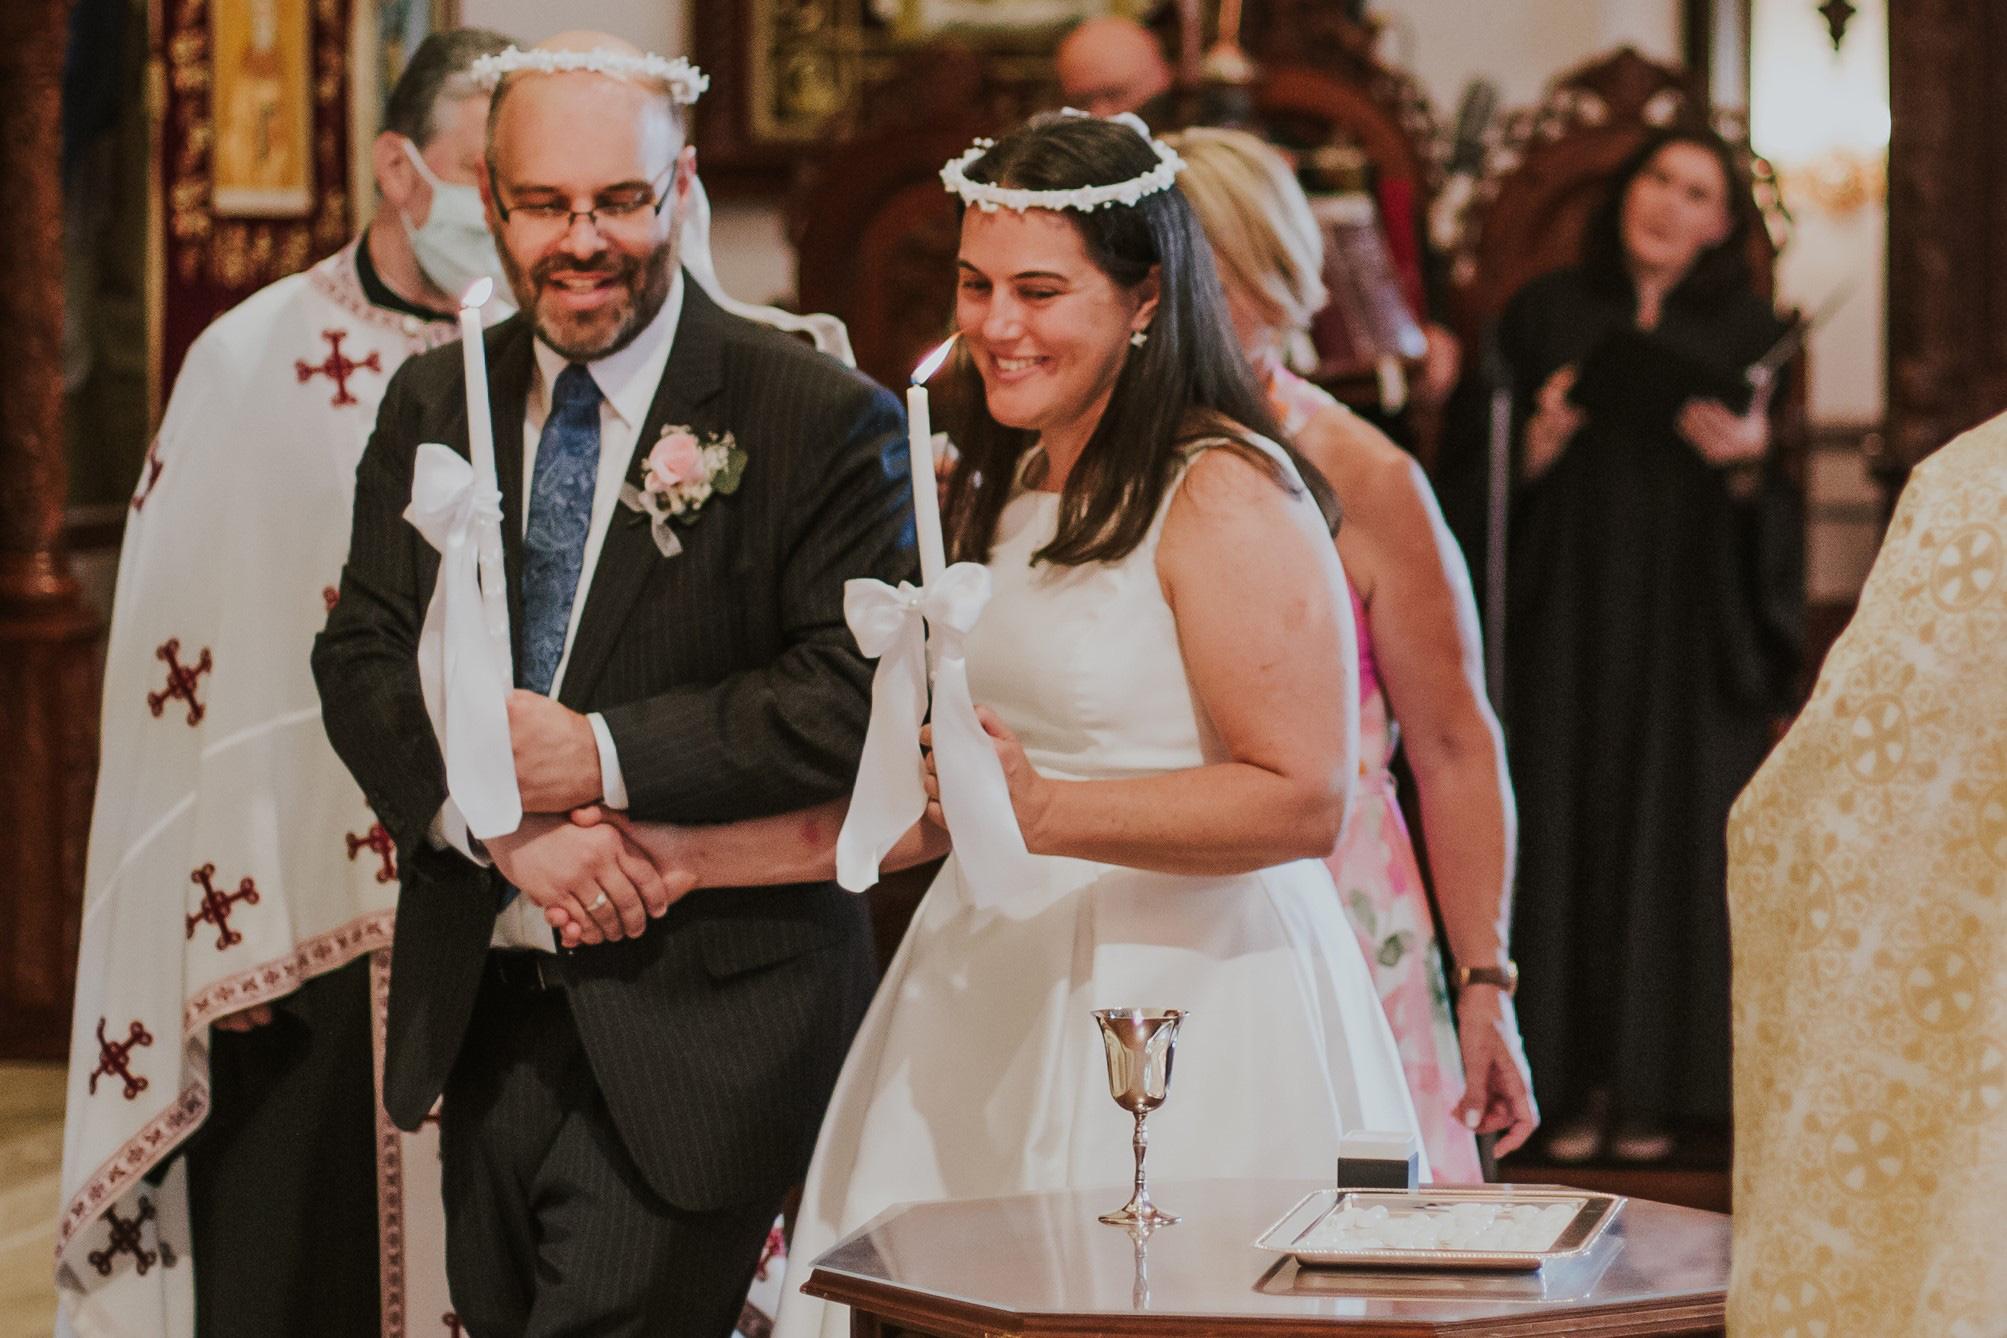 kostoulas wedding